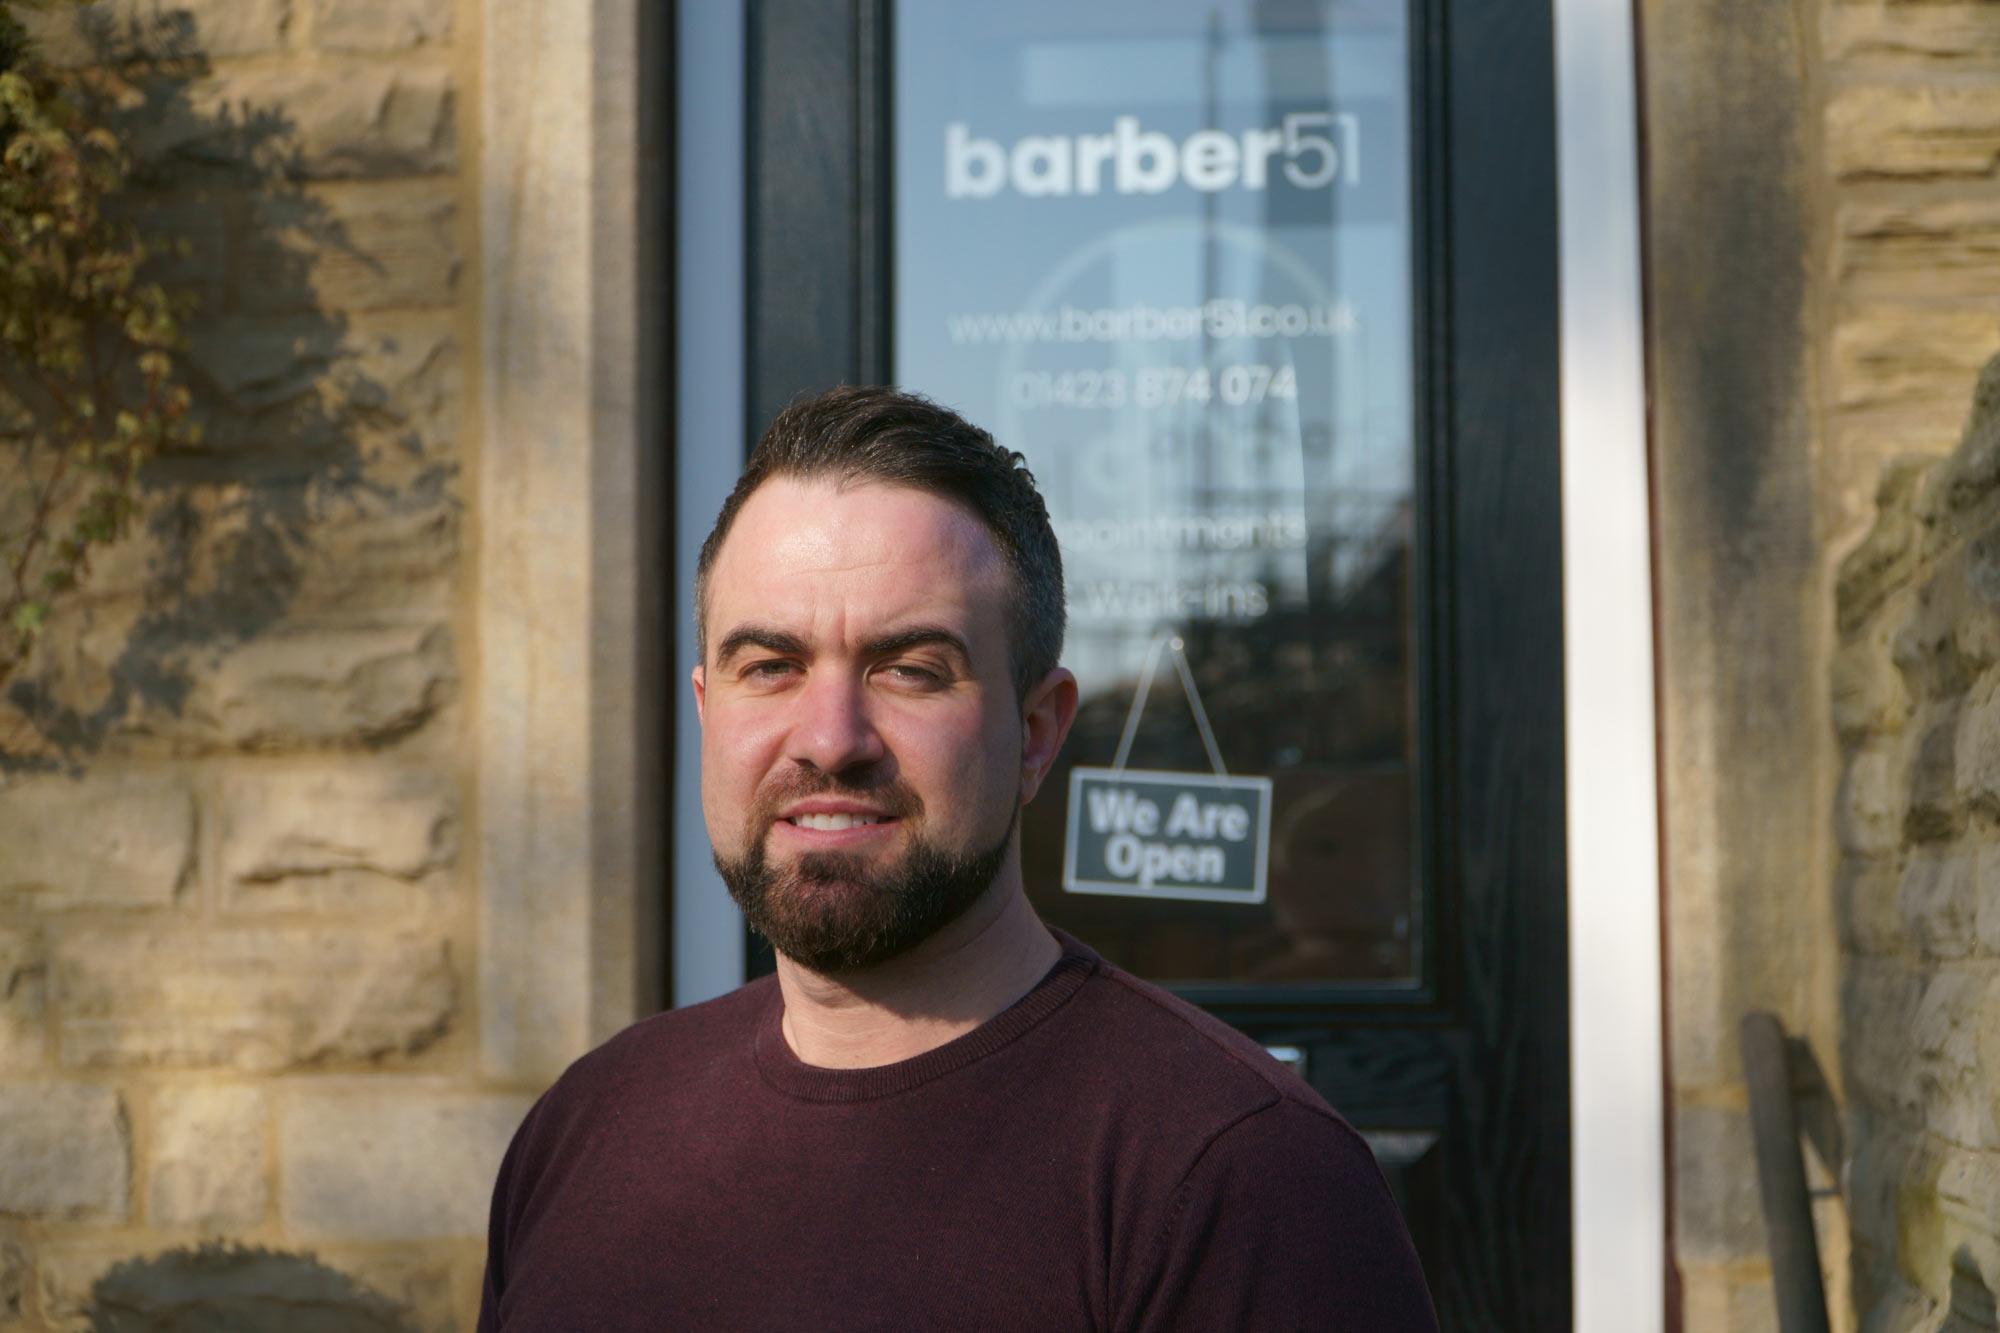 Dion Jones, barber51